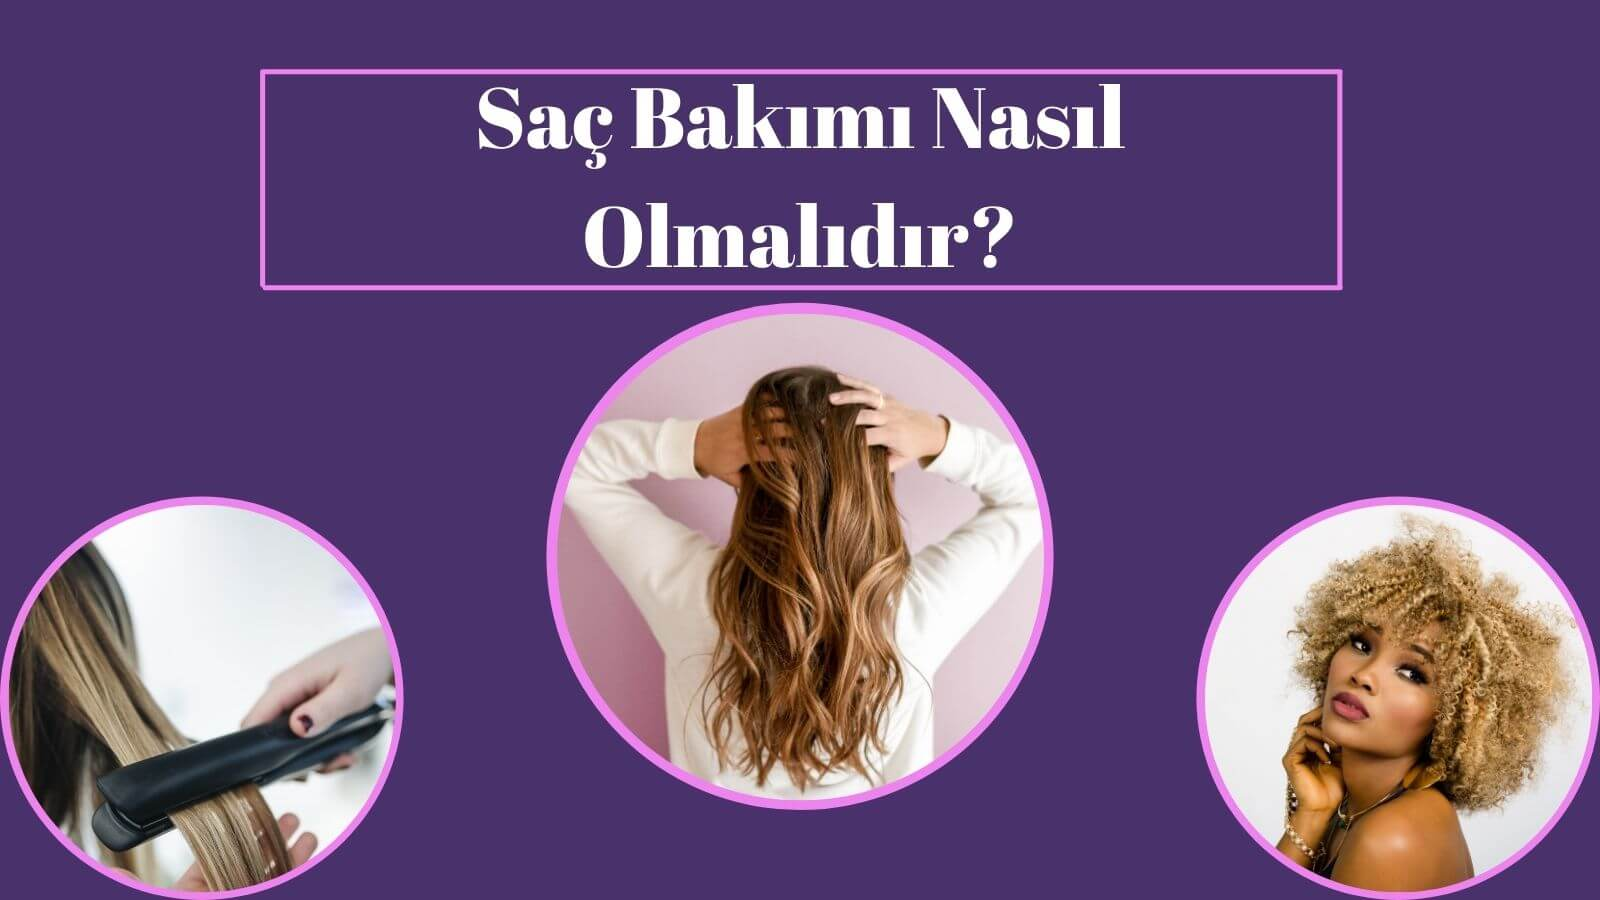 saç bakımı nedir